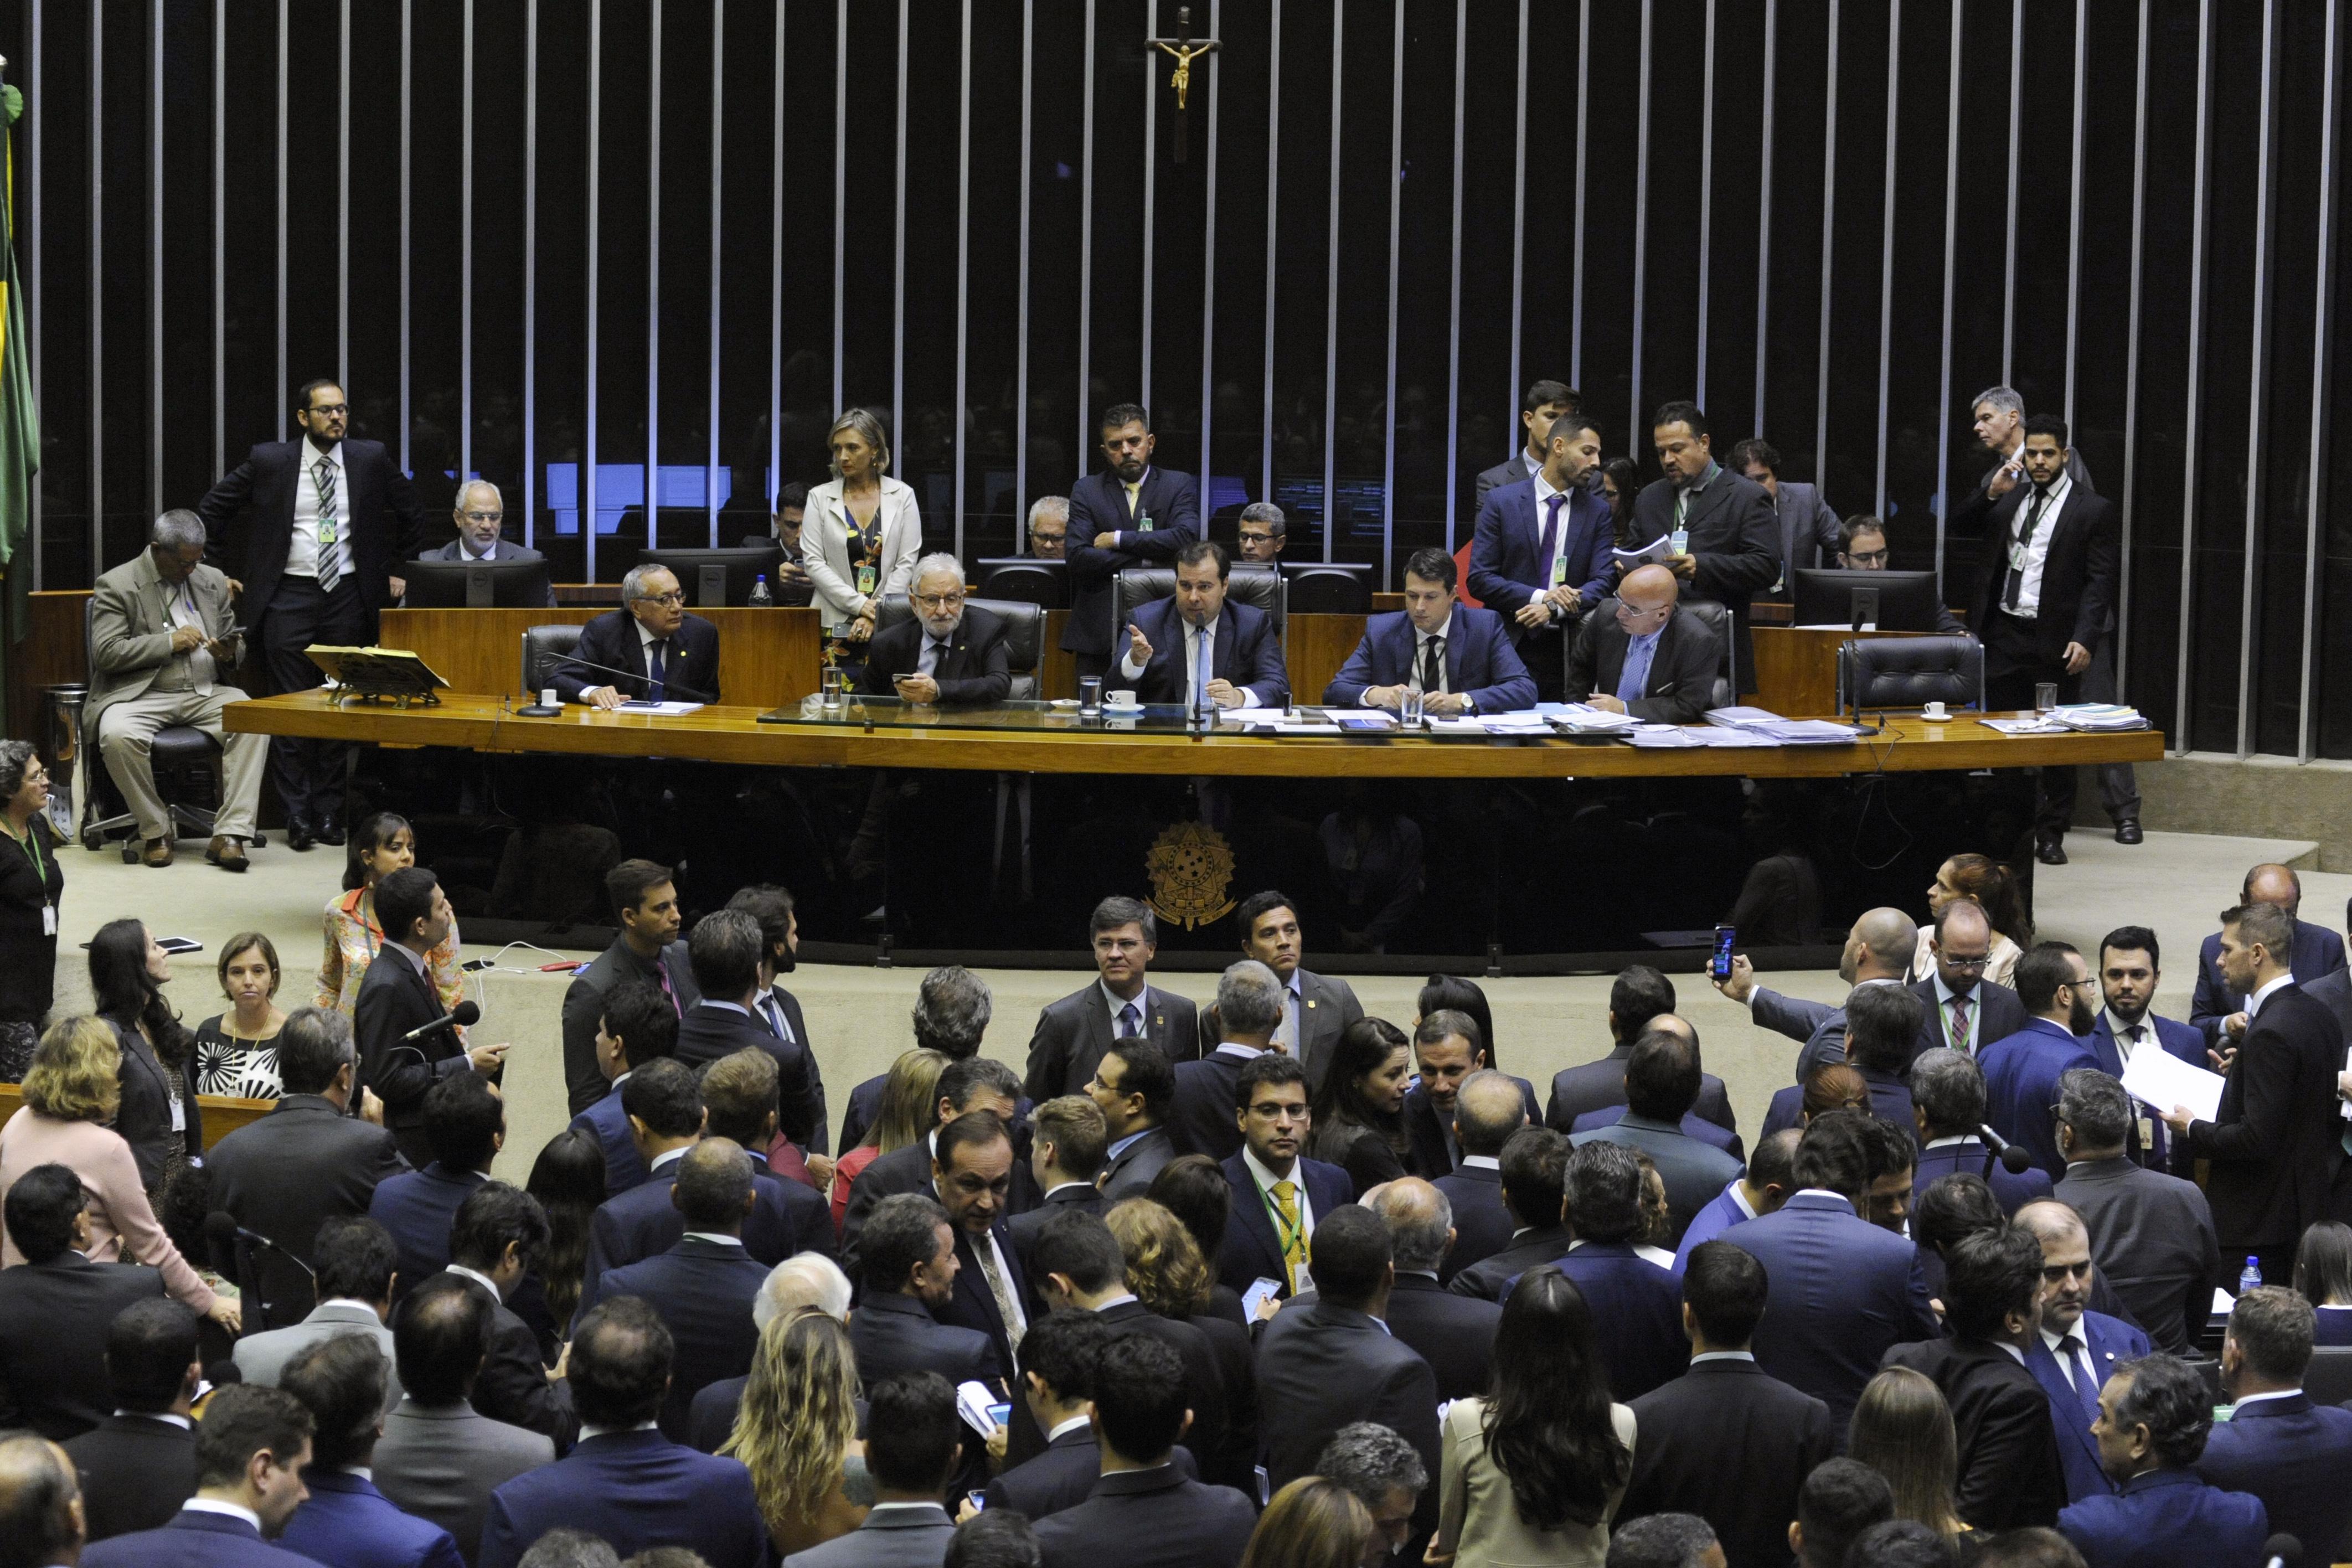 Câmara aprova orçamento impositivo, mas 30% do pré-sal para Estados e Municípios retorna para o Senado